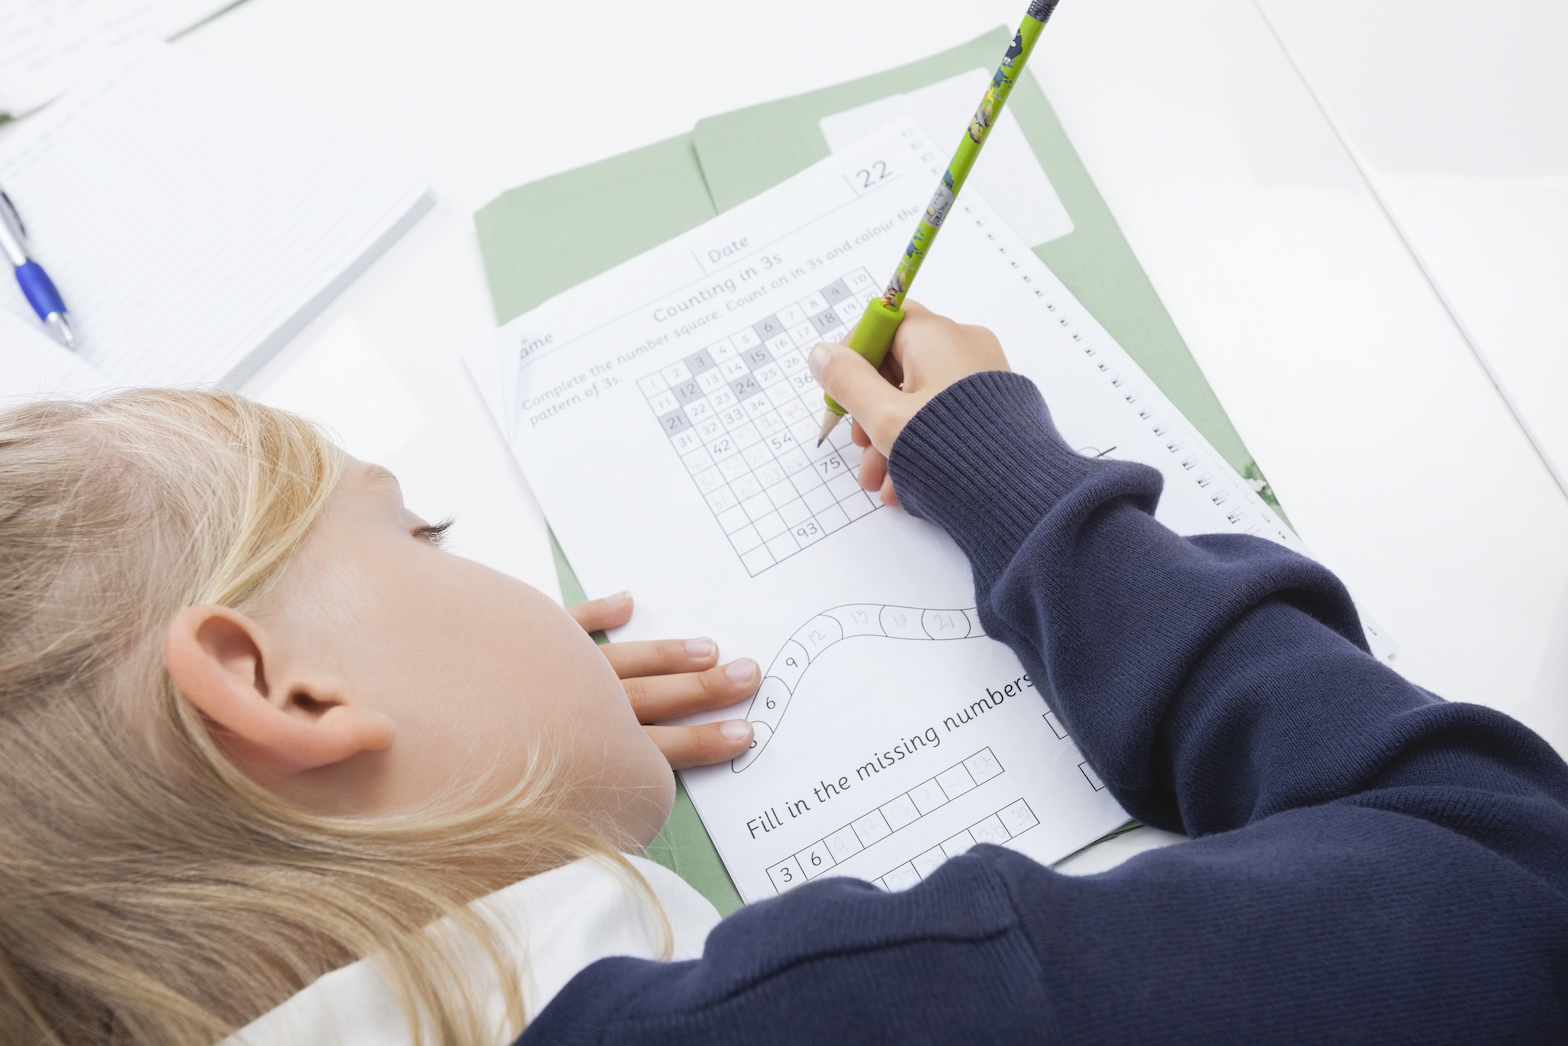 10 Devem ter material escolar para aprendizado remoto 1